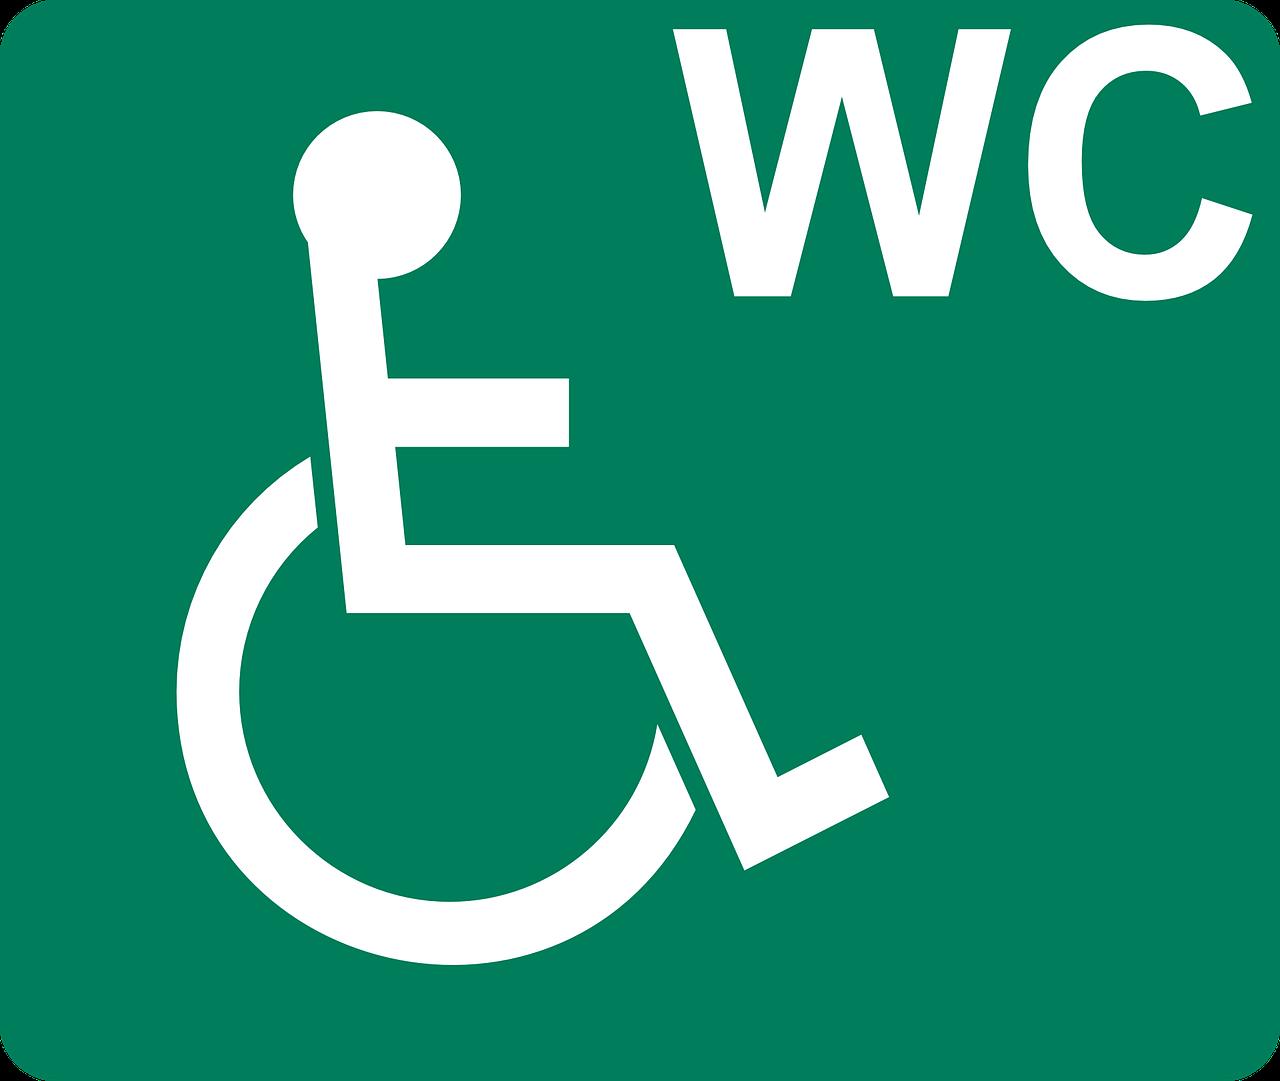 PSW Junior KDC 't Brombemke gehandicaptenzorg ervaringen